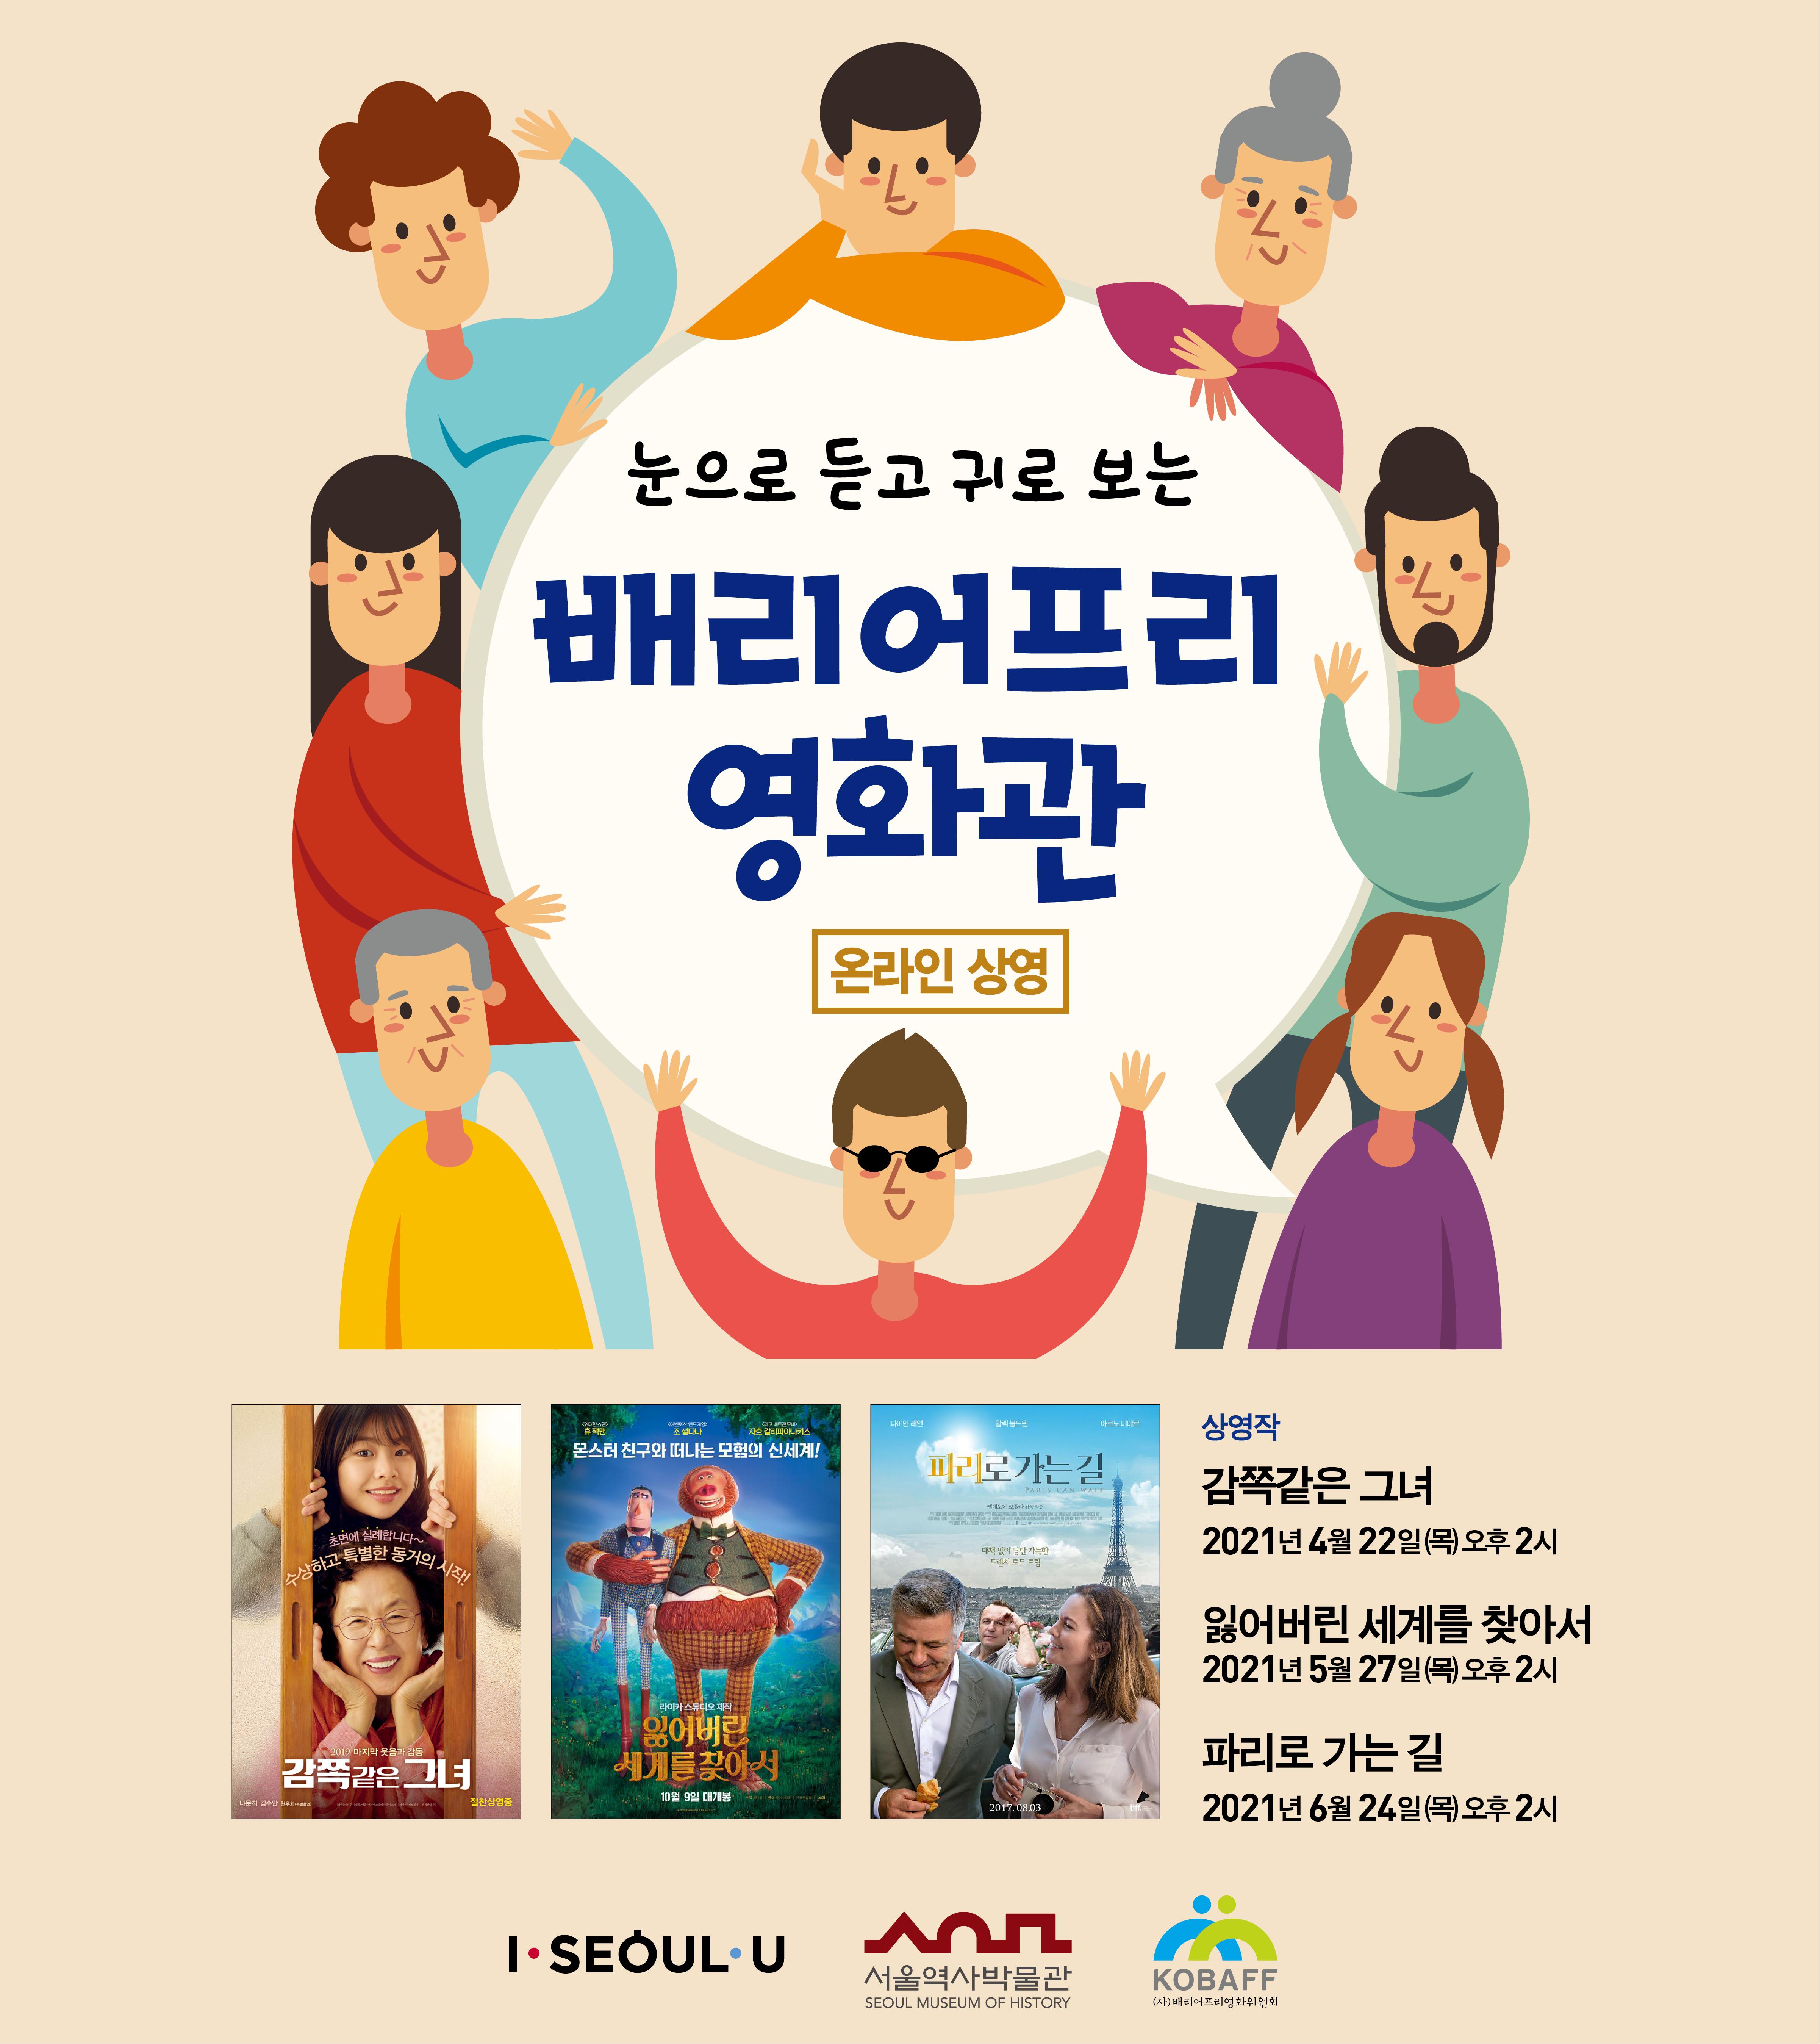 베리어프리 정문현수막최종.jpg